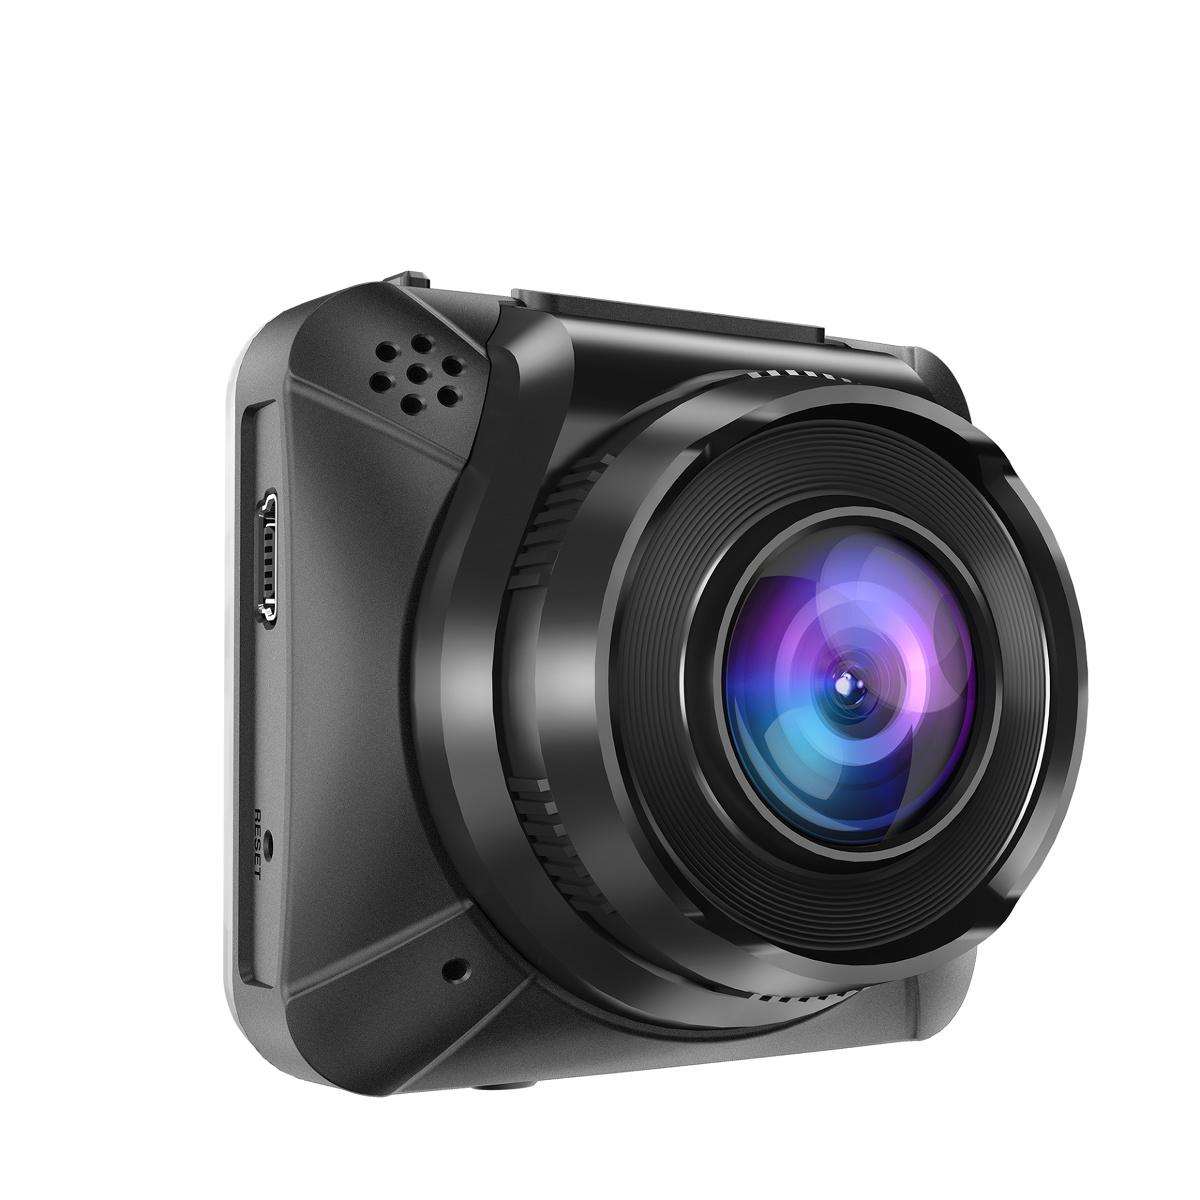 NAVITEL NR200 nagrywa materiał wideo w rozdzielczości Full HD. Kamerę wyposażono w 2-calowy wyświetlacz o rozdzielczości 480x240, procesor MStar MSC8336 i sensor optyczny SC2363 z obsługą night vision.  Fot. materiały producenta